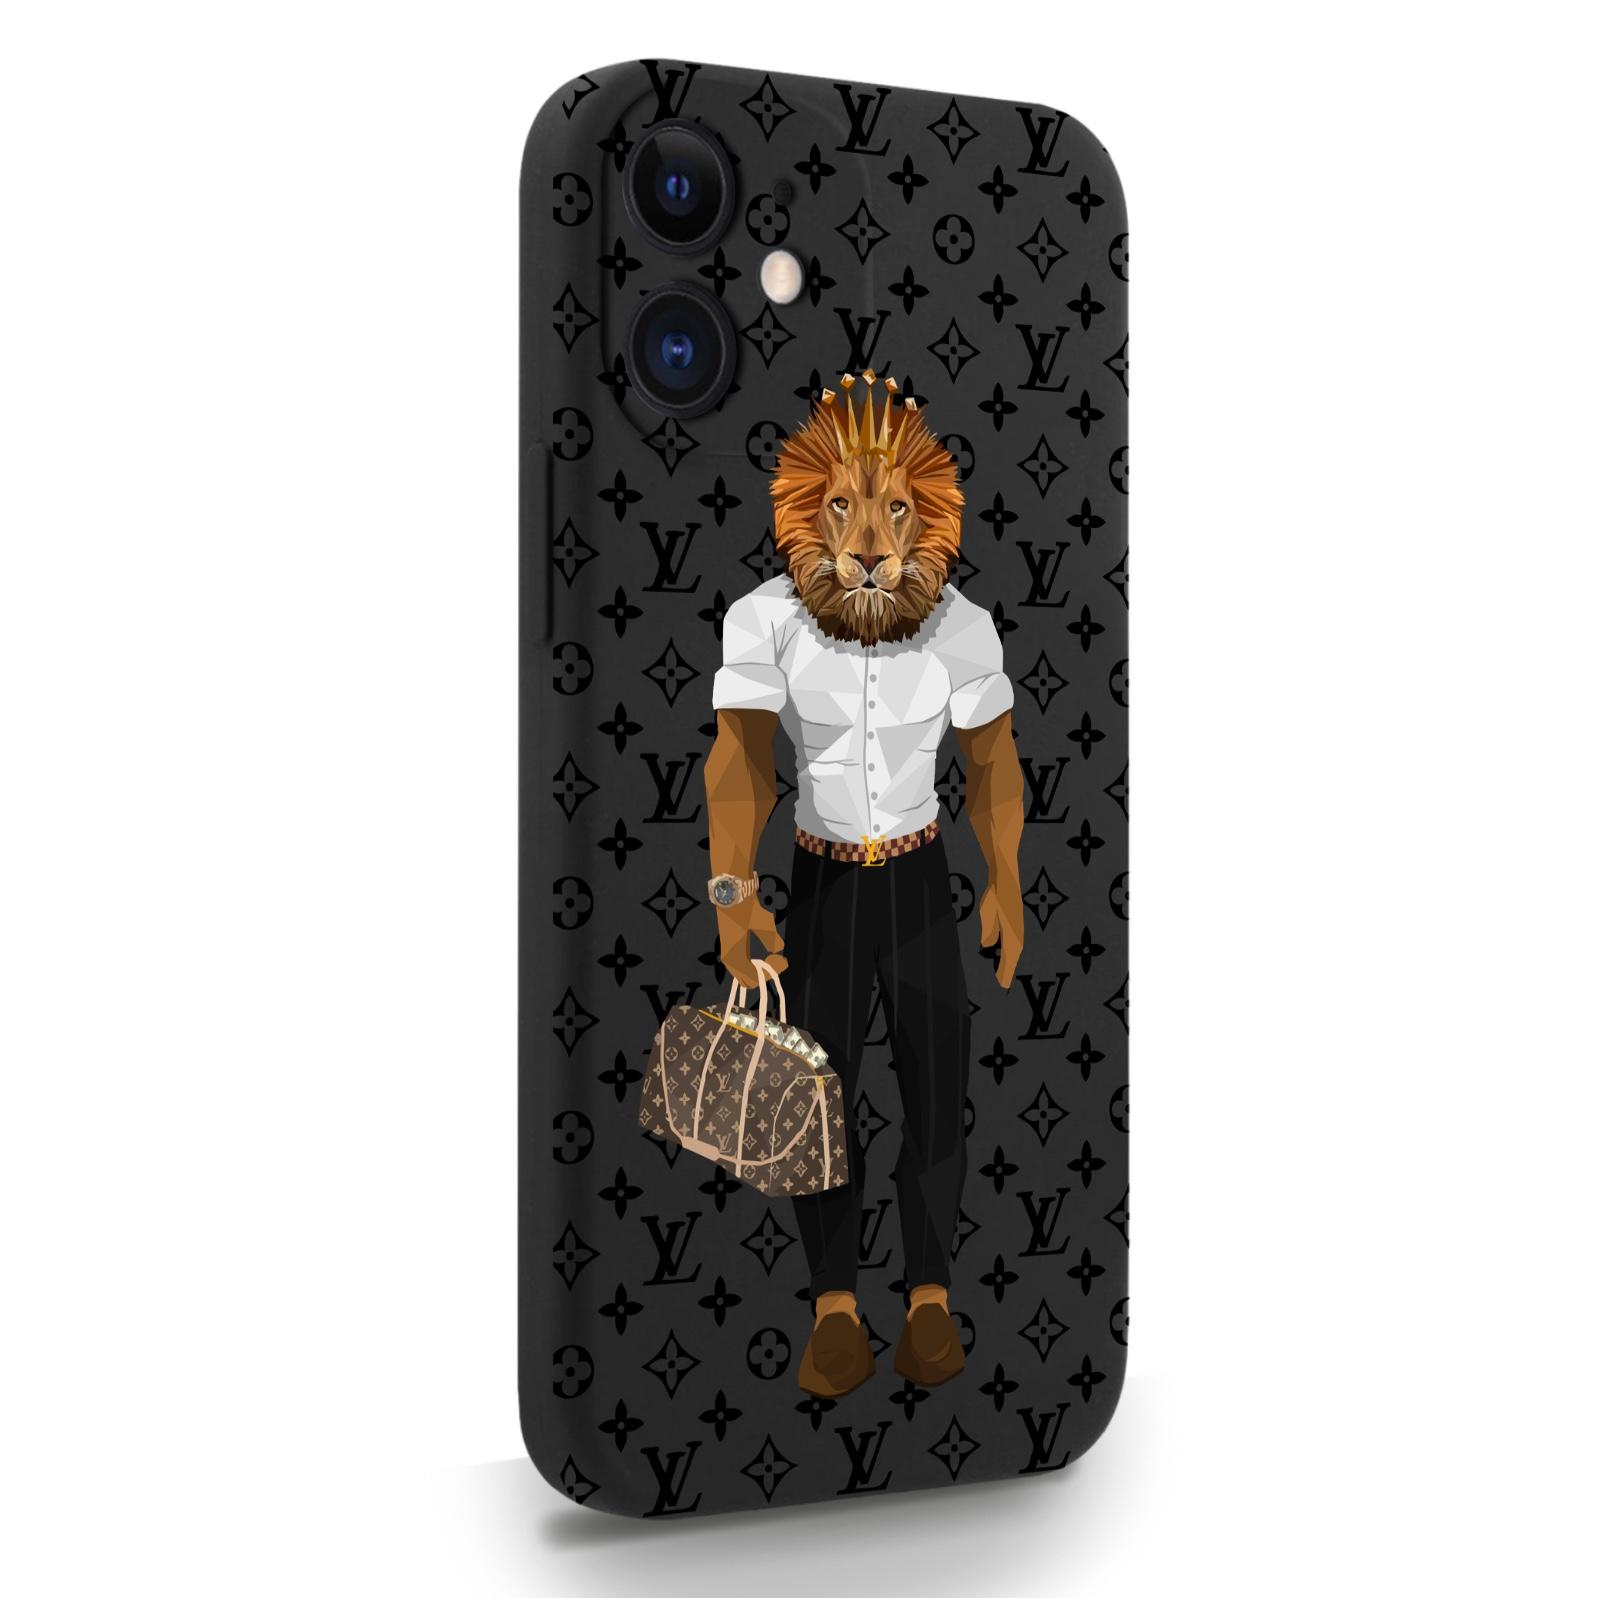 Черный силиконовый чехол для iPhone 12 Mini LV Lion для Айфон 12 Мини